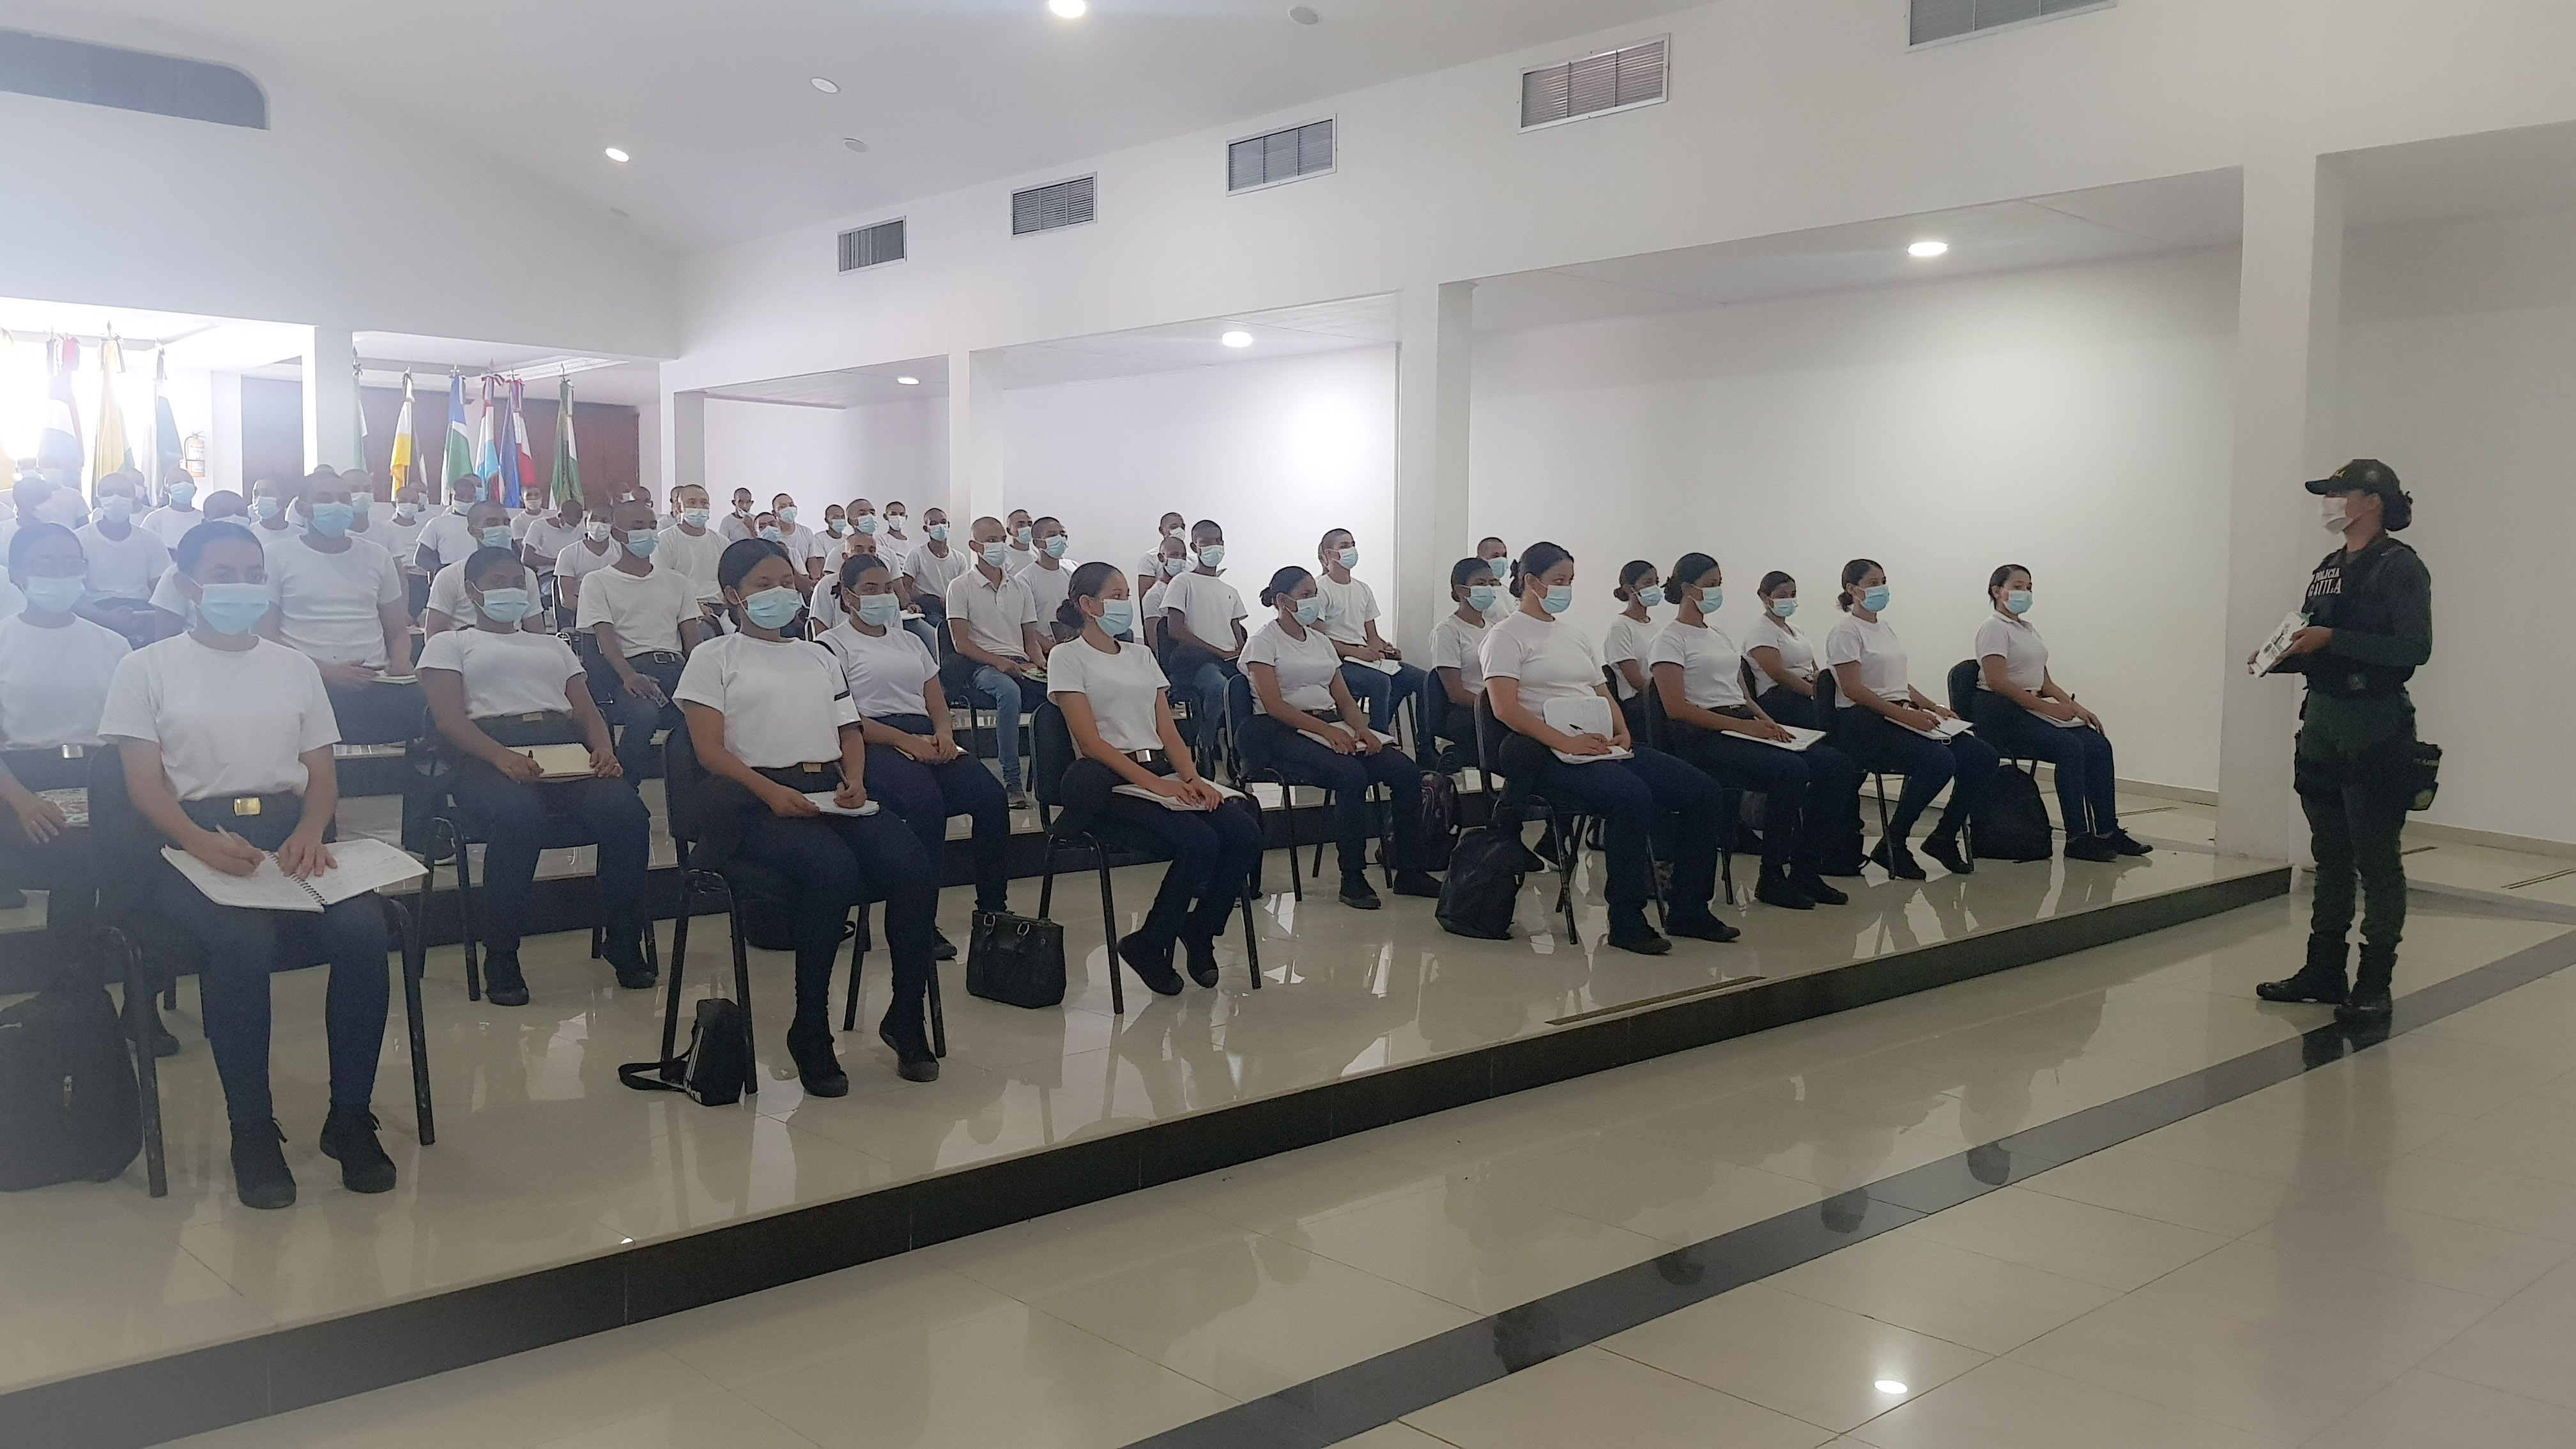 hoyennoticia.com, En Valledupar 20 mujeres se integraron a la Policía